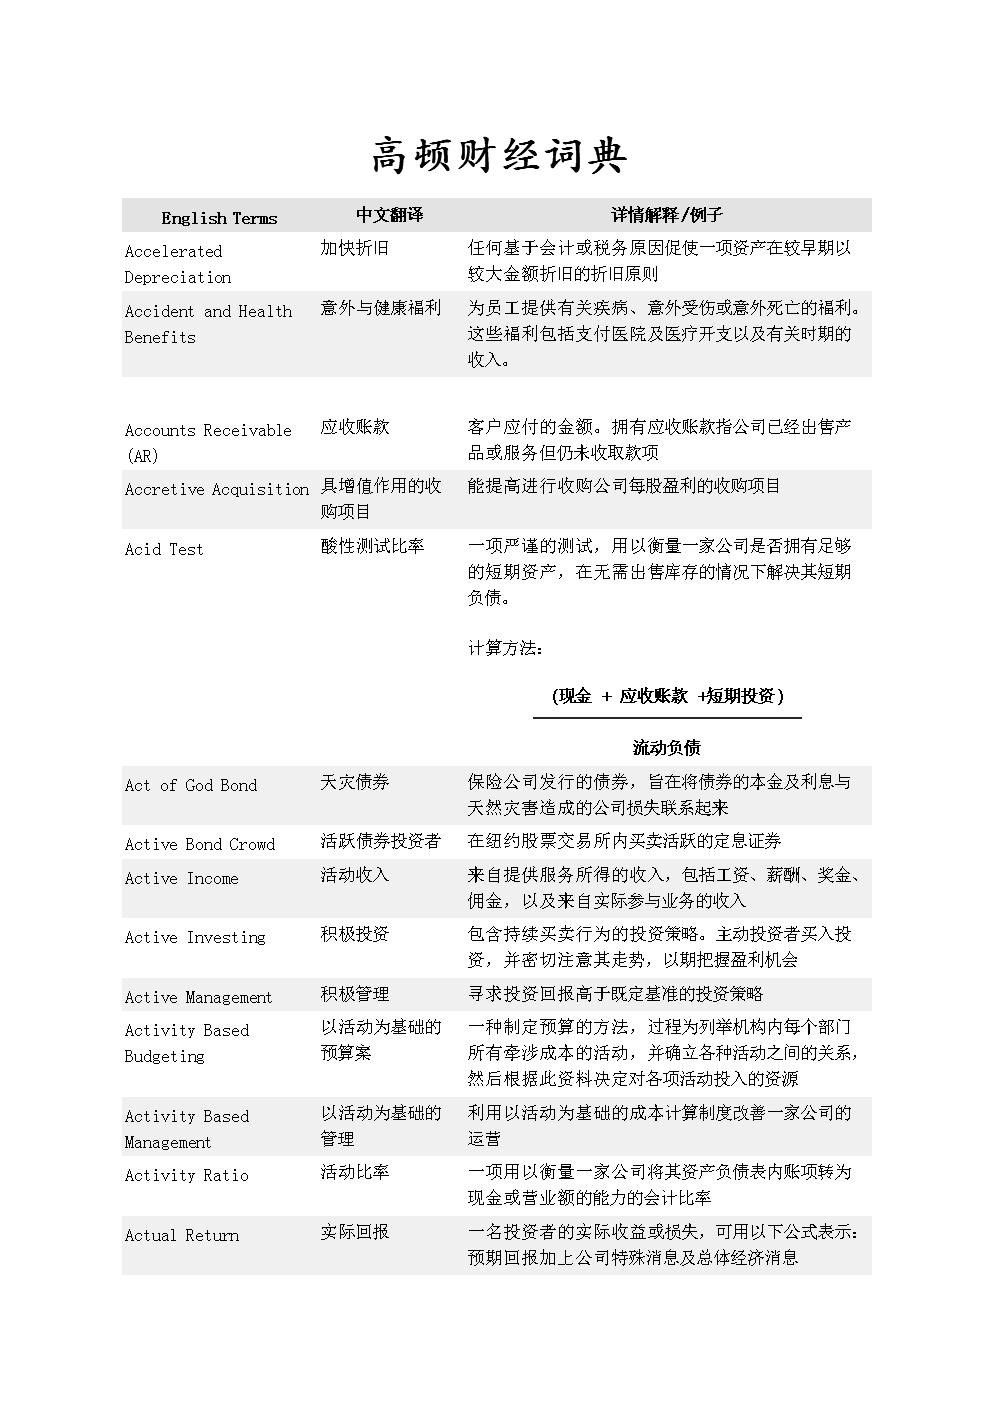 2016年高盛英汉视频财经.doc词典径机缩图片